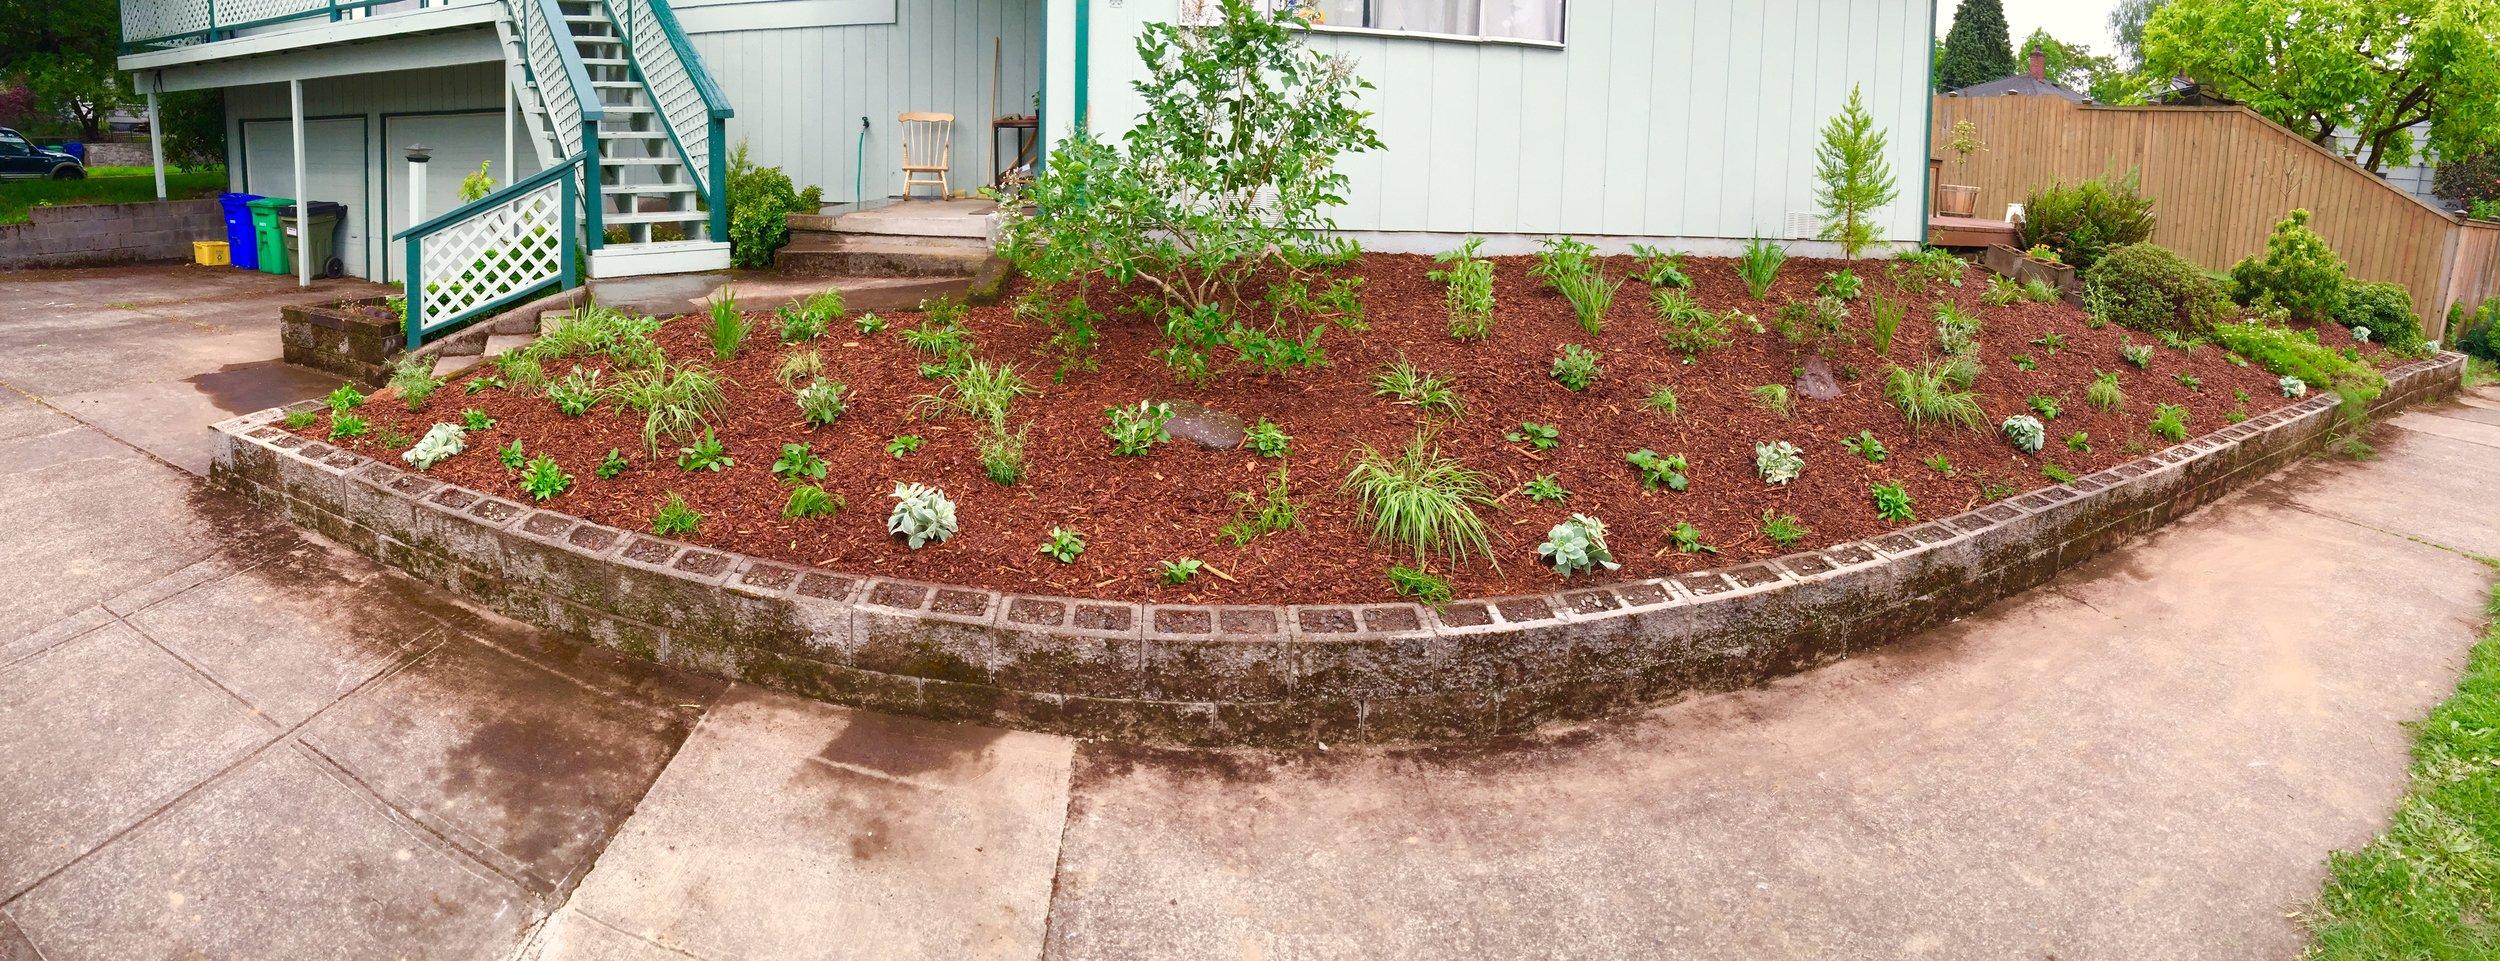 May planting